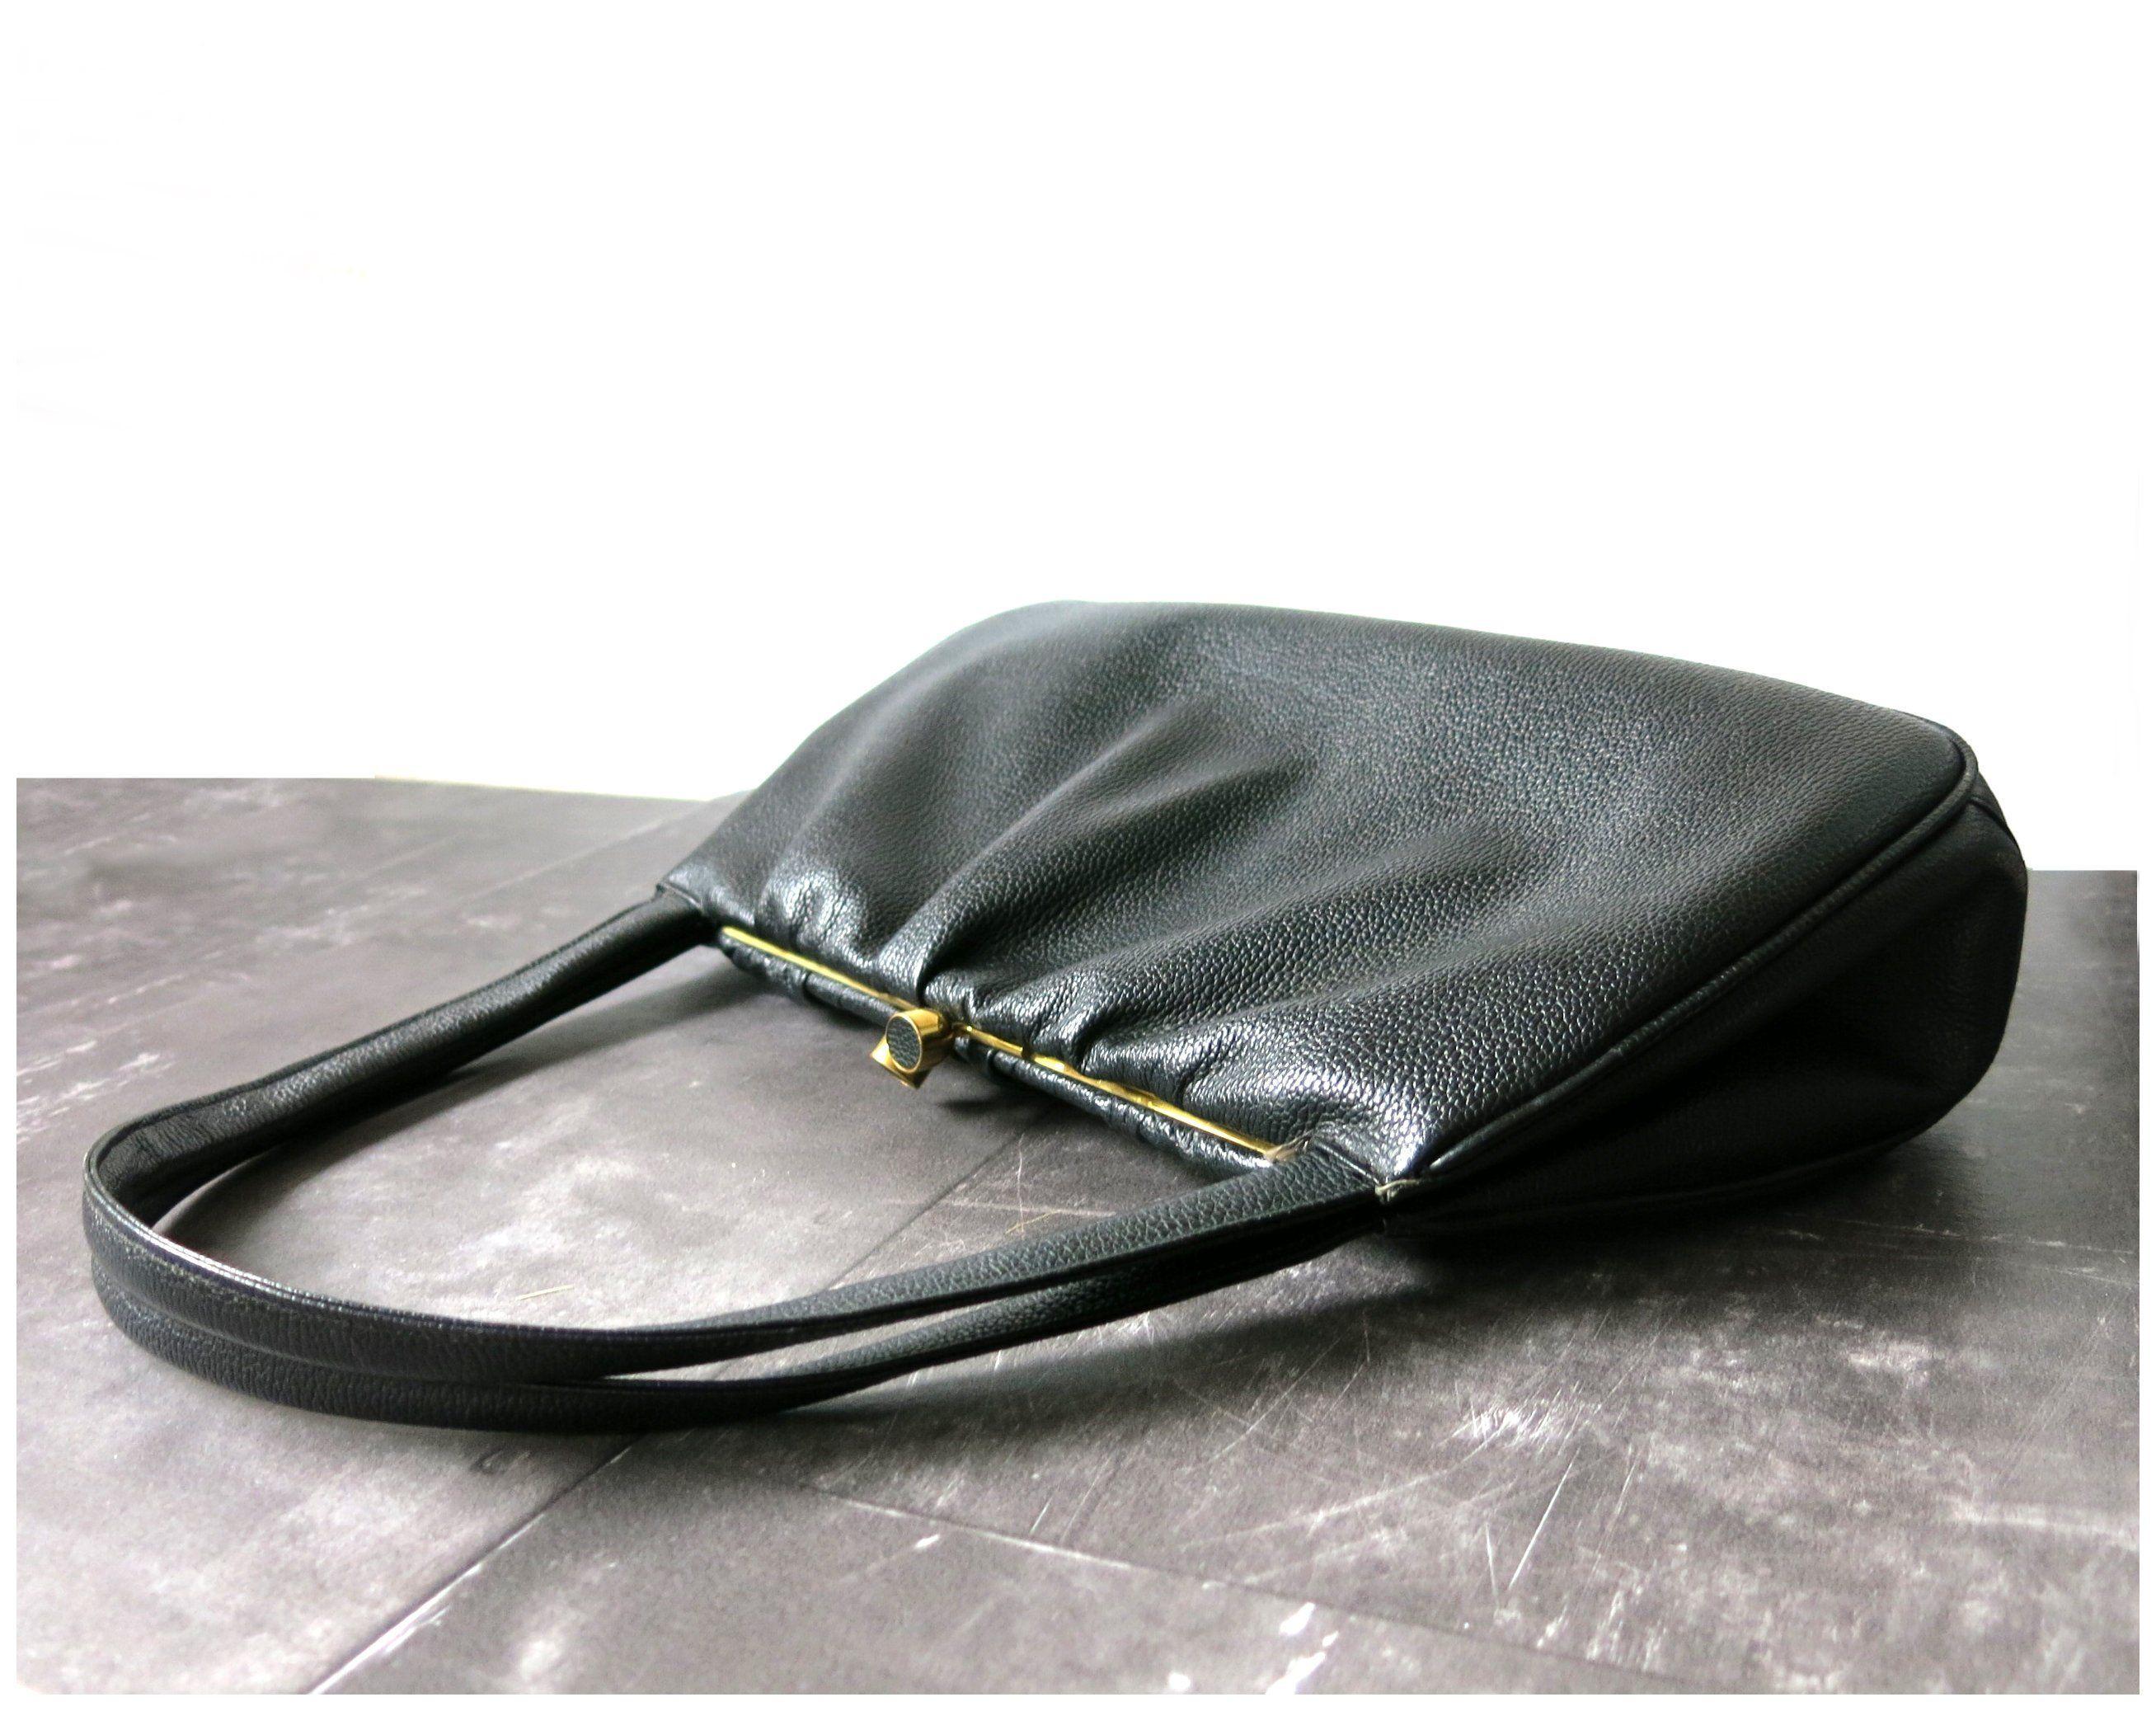 740e39f840aa5 Vintage Handtasche schwarz